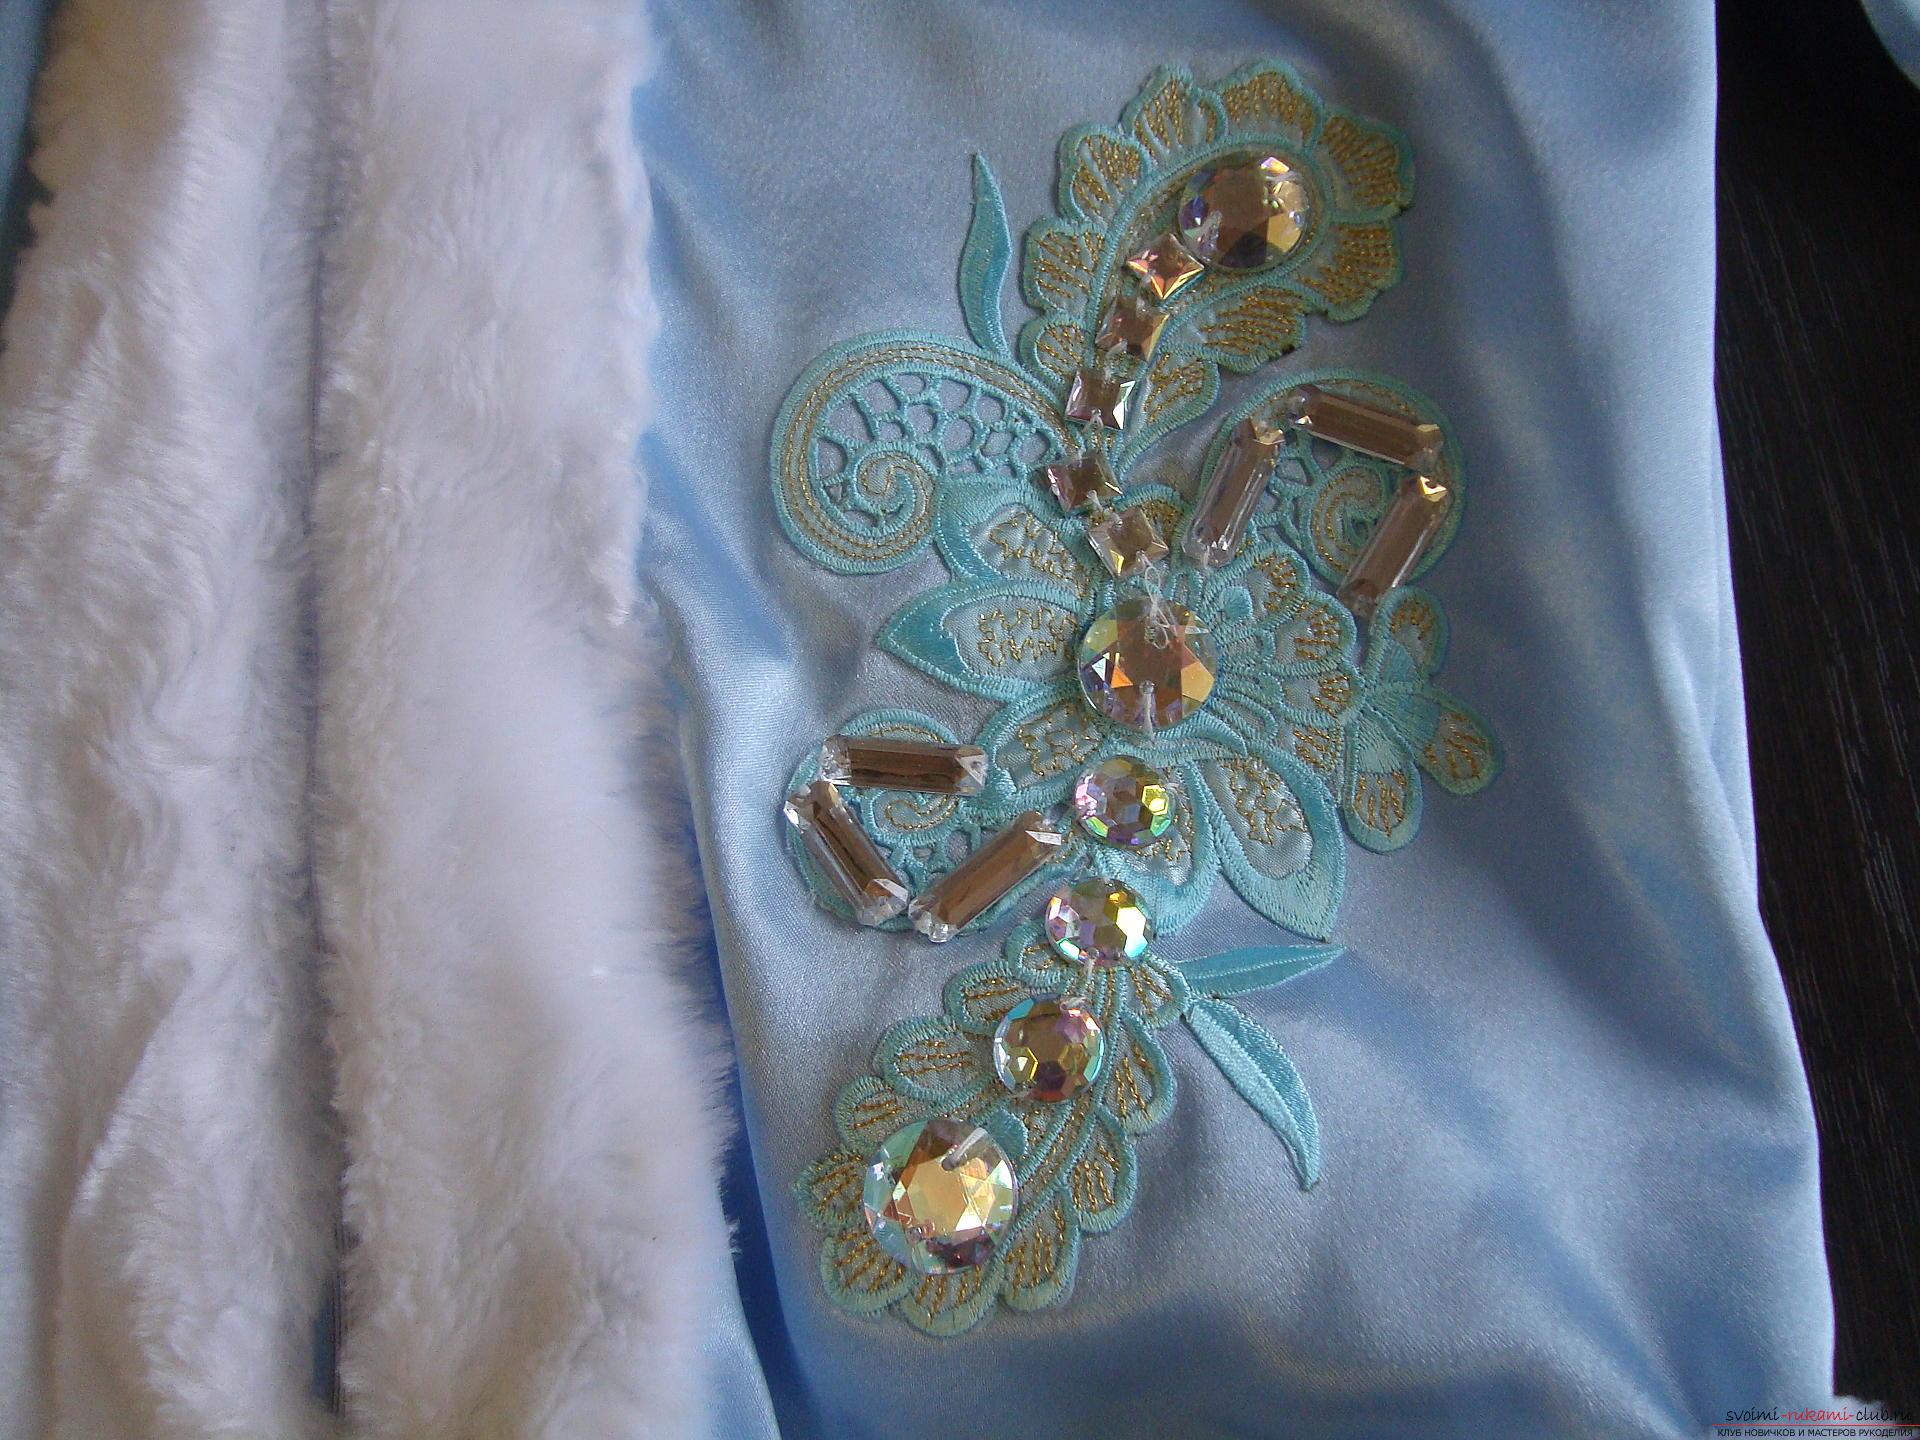 Карнавальные костюмы для девочки мама может сшить своими руками. Костюм Снегурочка понравится многим девочкам.. Фото №17